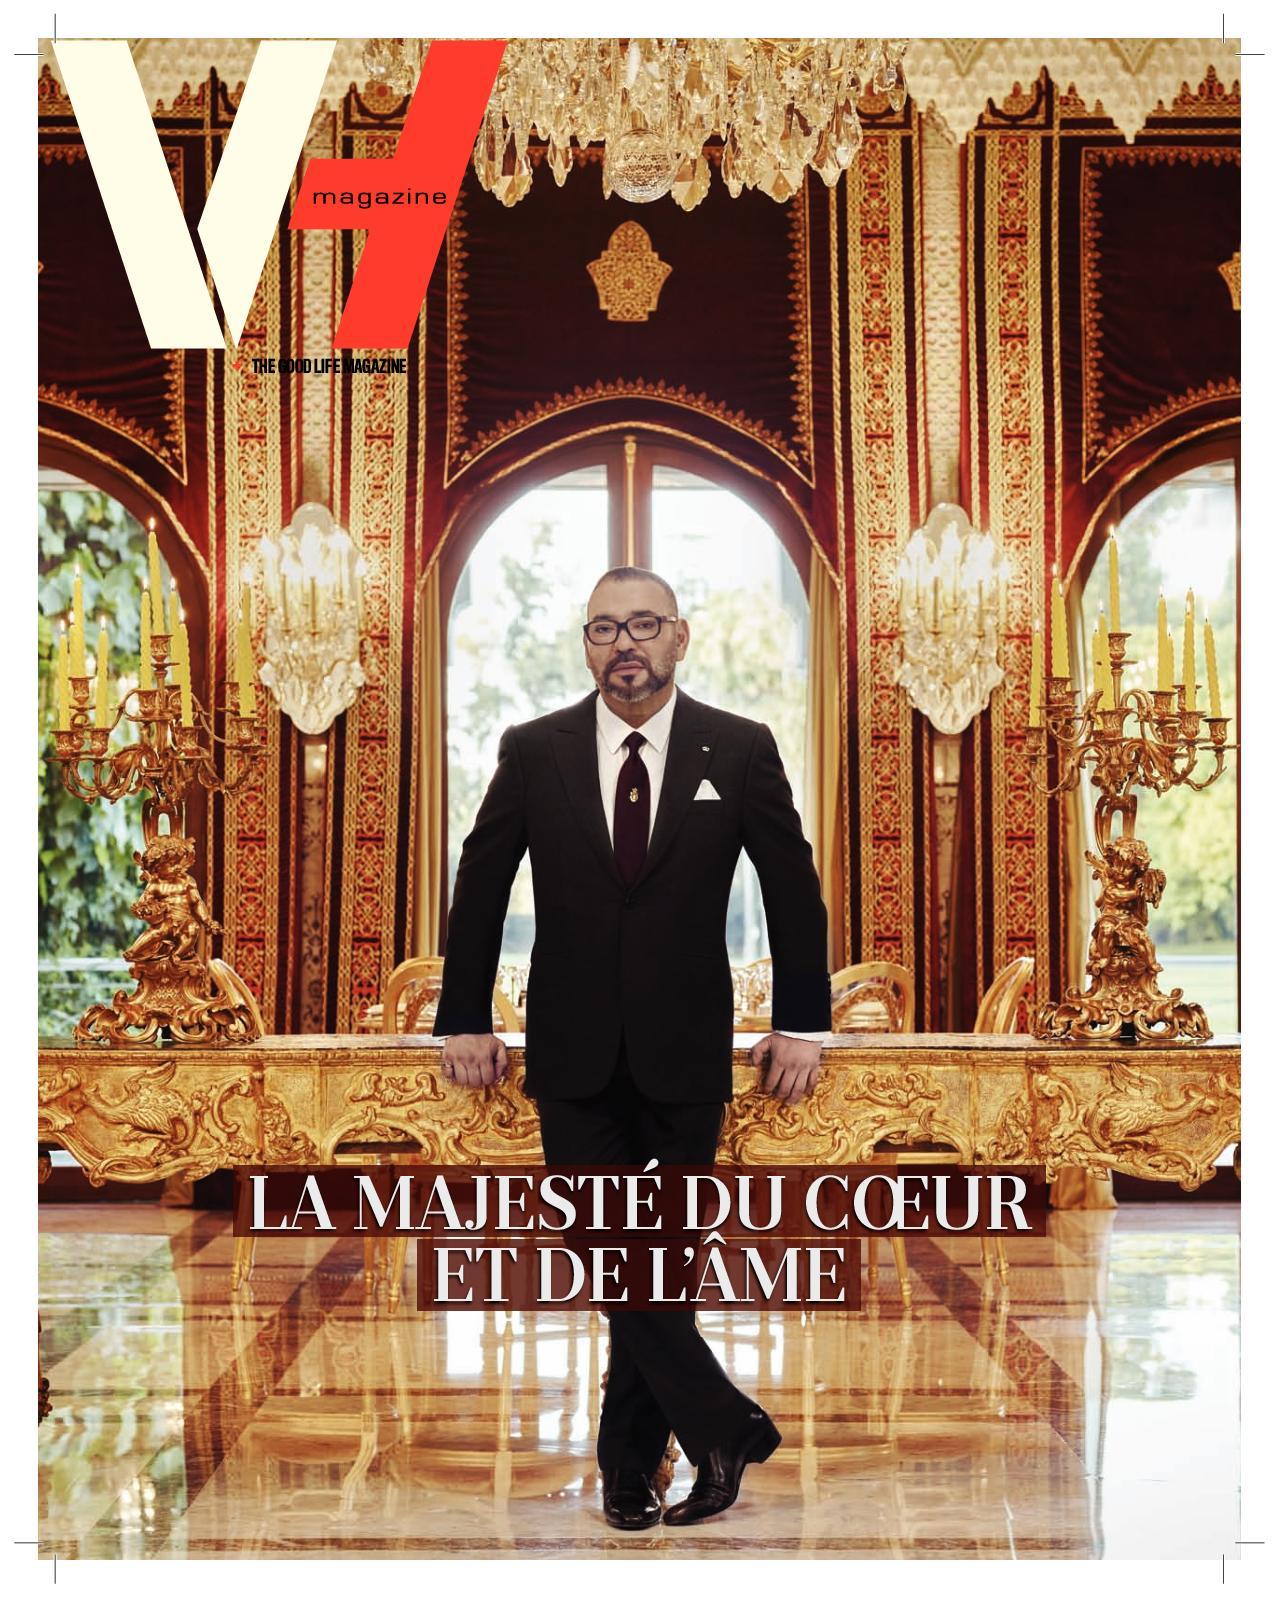 Usher figures élégantes Noir riche coton luxe mariage chaussettes best man groom